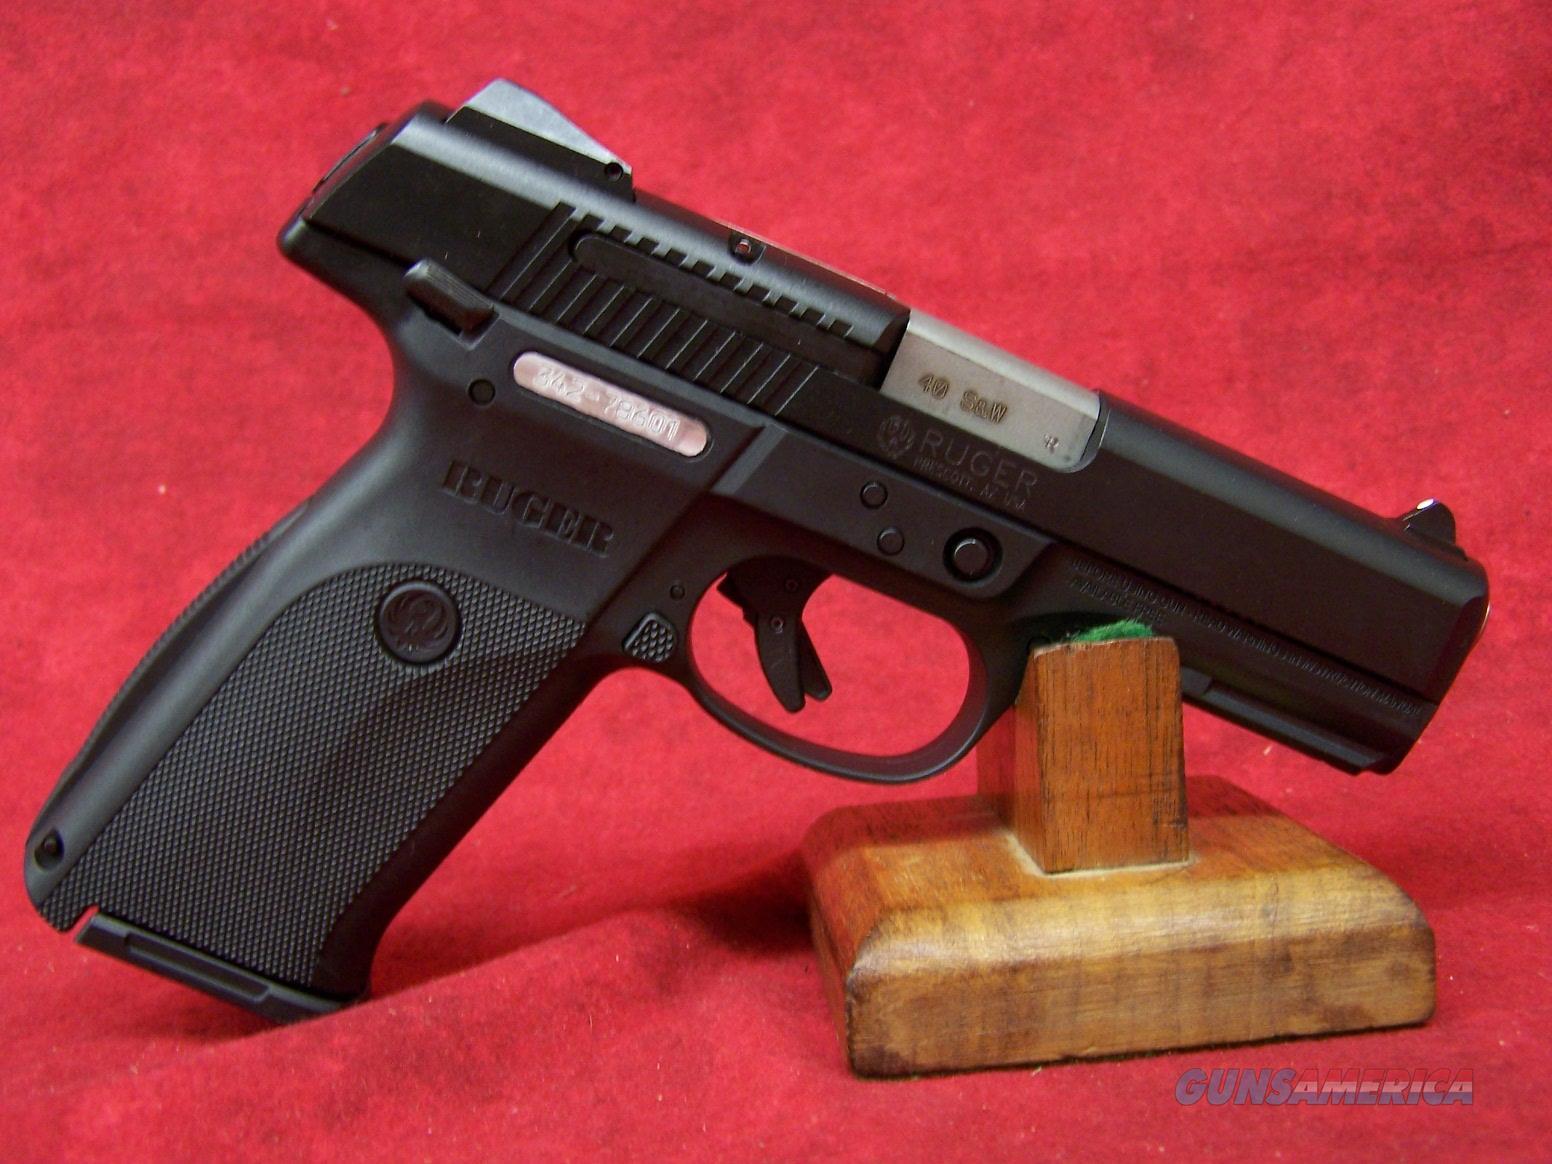 Ruger SR40 .40 S&W 4.14 Inch Barrel Black Nitride Slide Black Frame (03471)  Guns > Pistols > Ruger Semi-Auto Pistols > SR Family > SR40